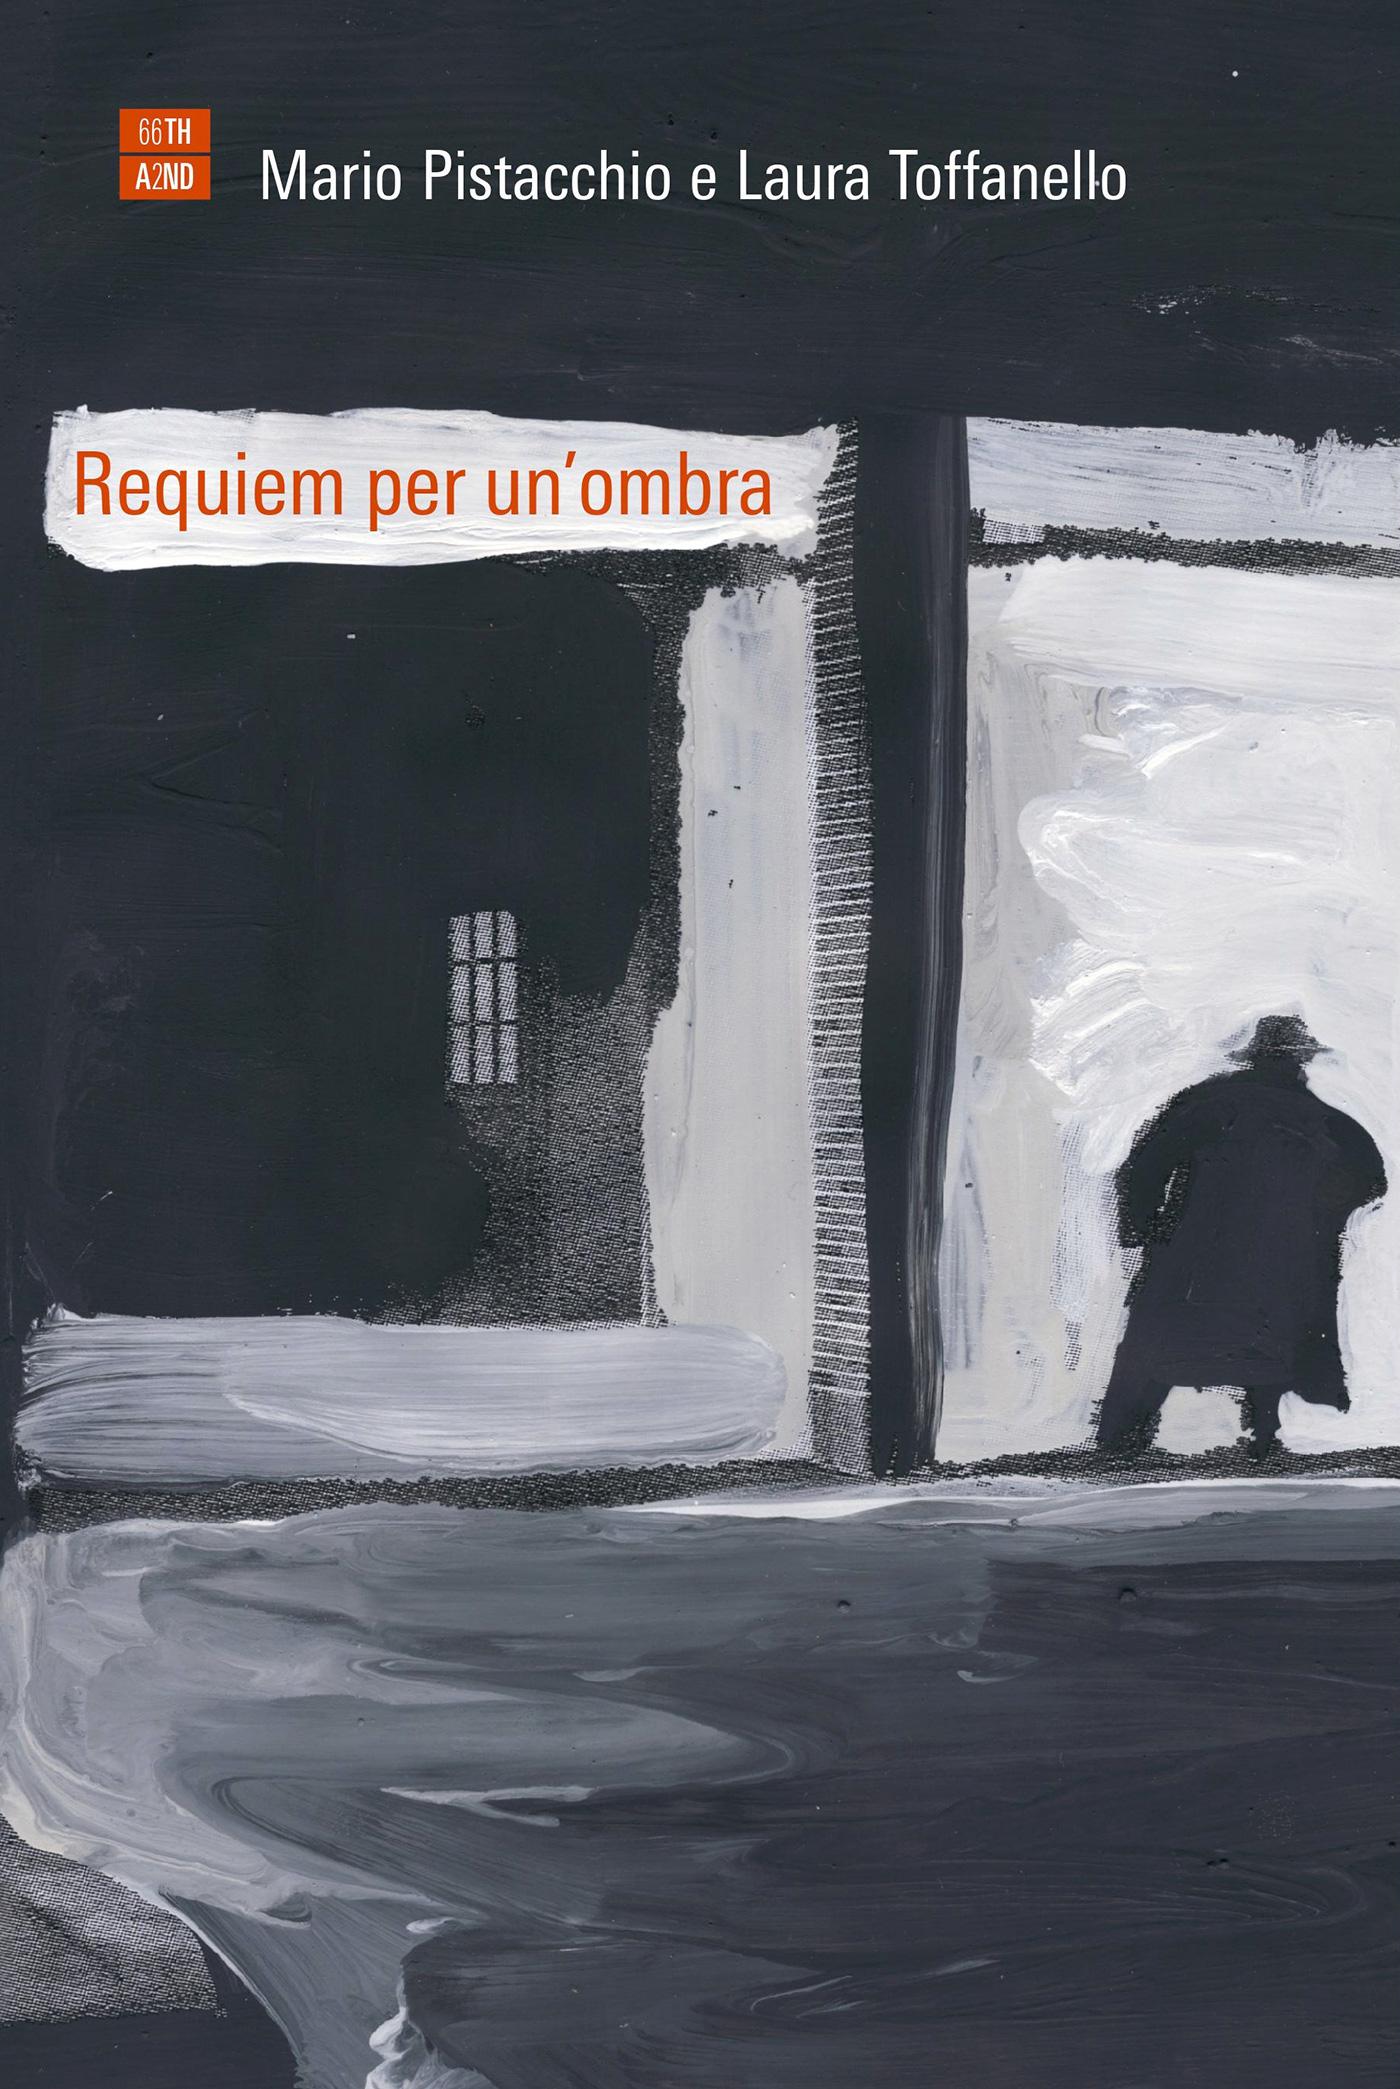 Requiem per un'ombra (Requiem for a shadow)